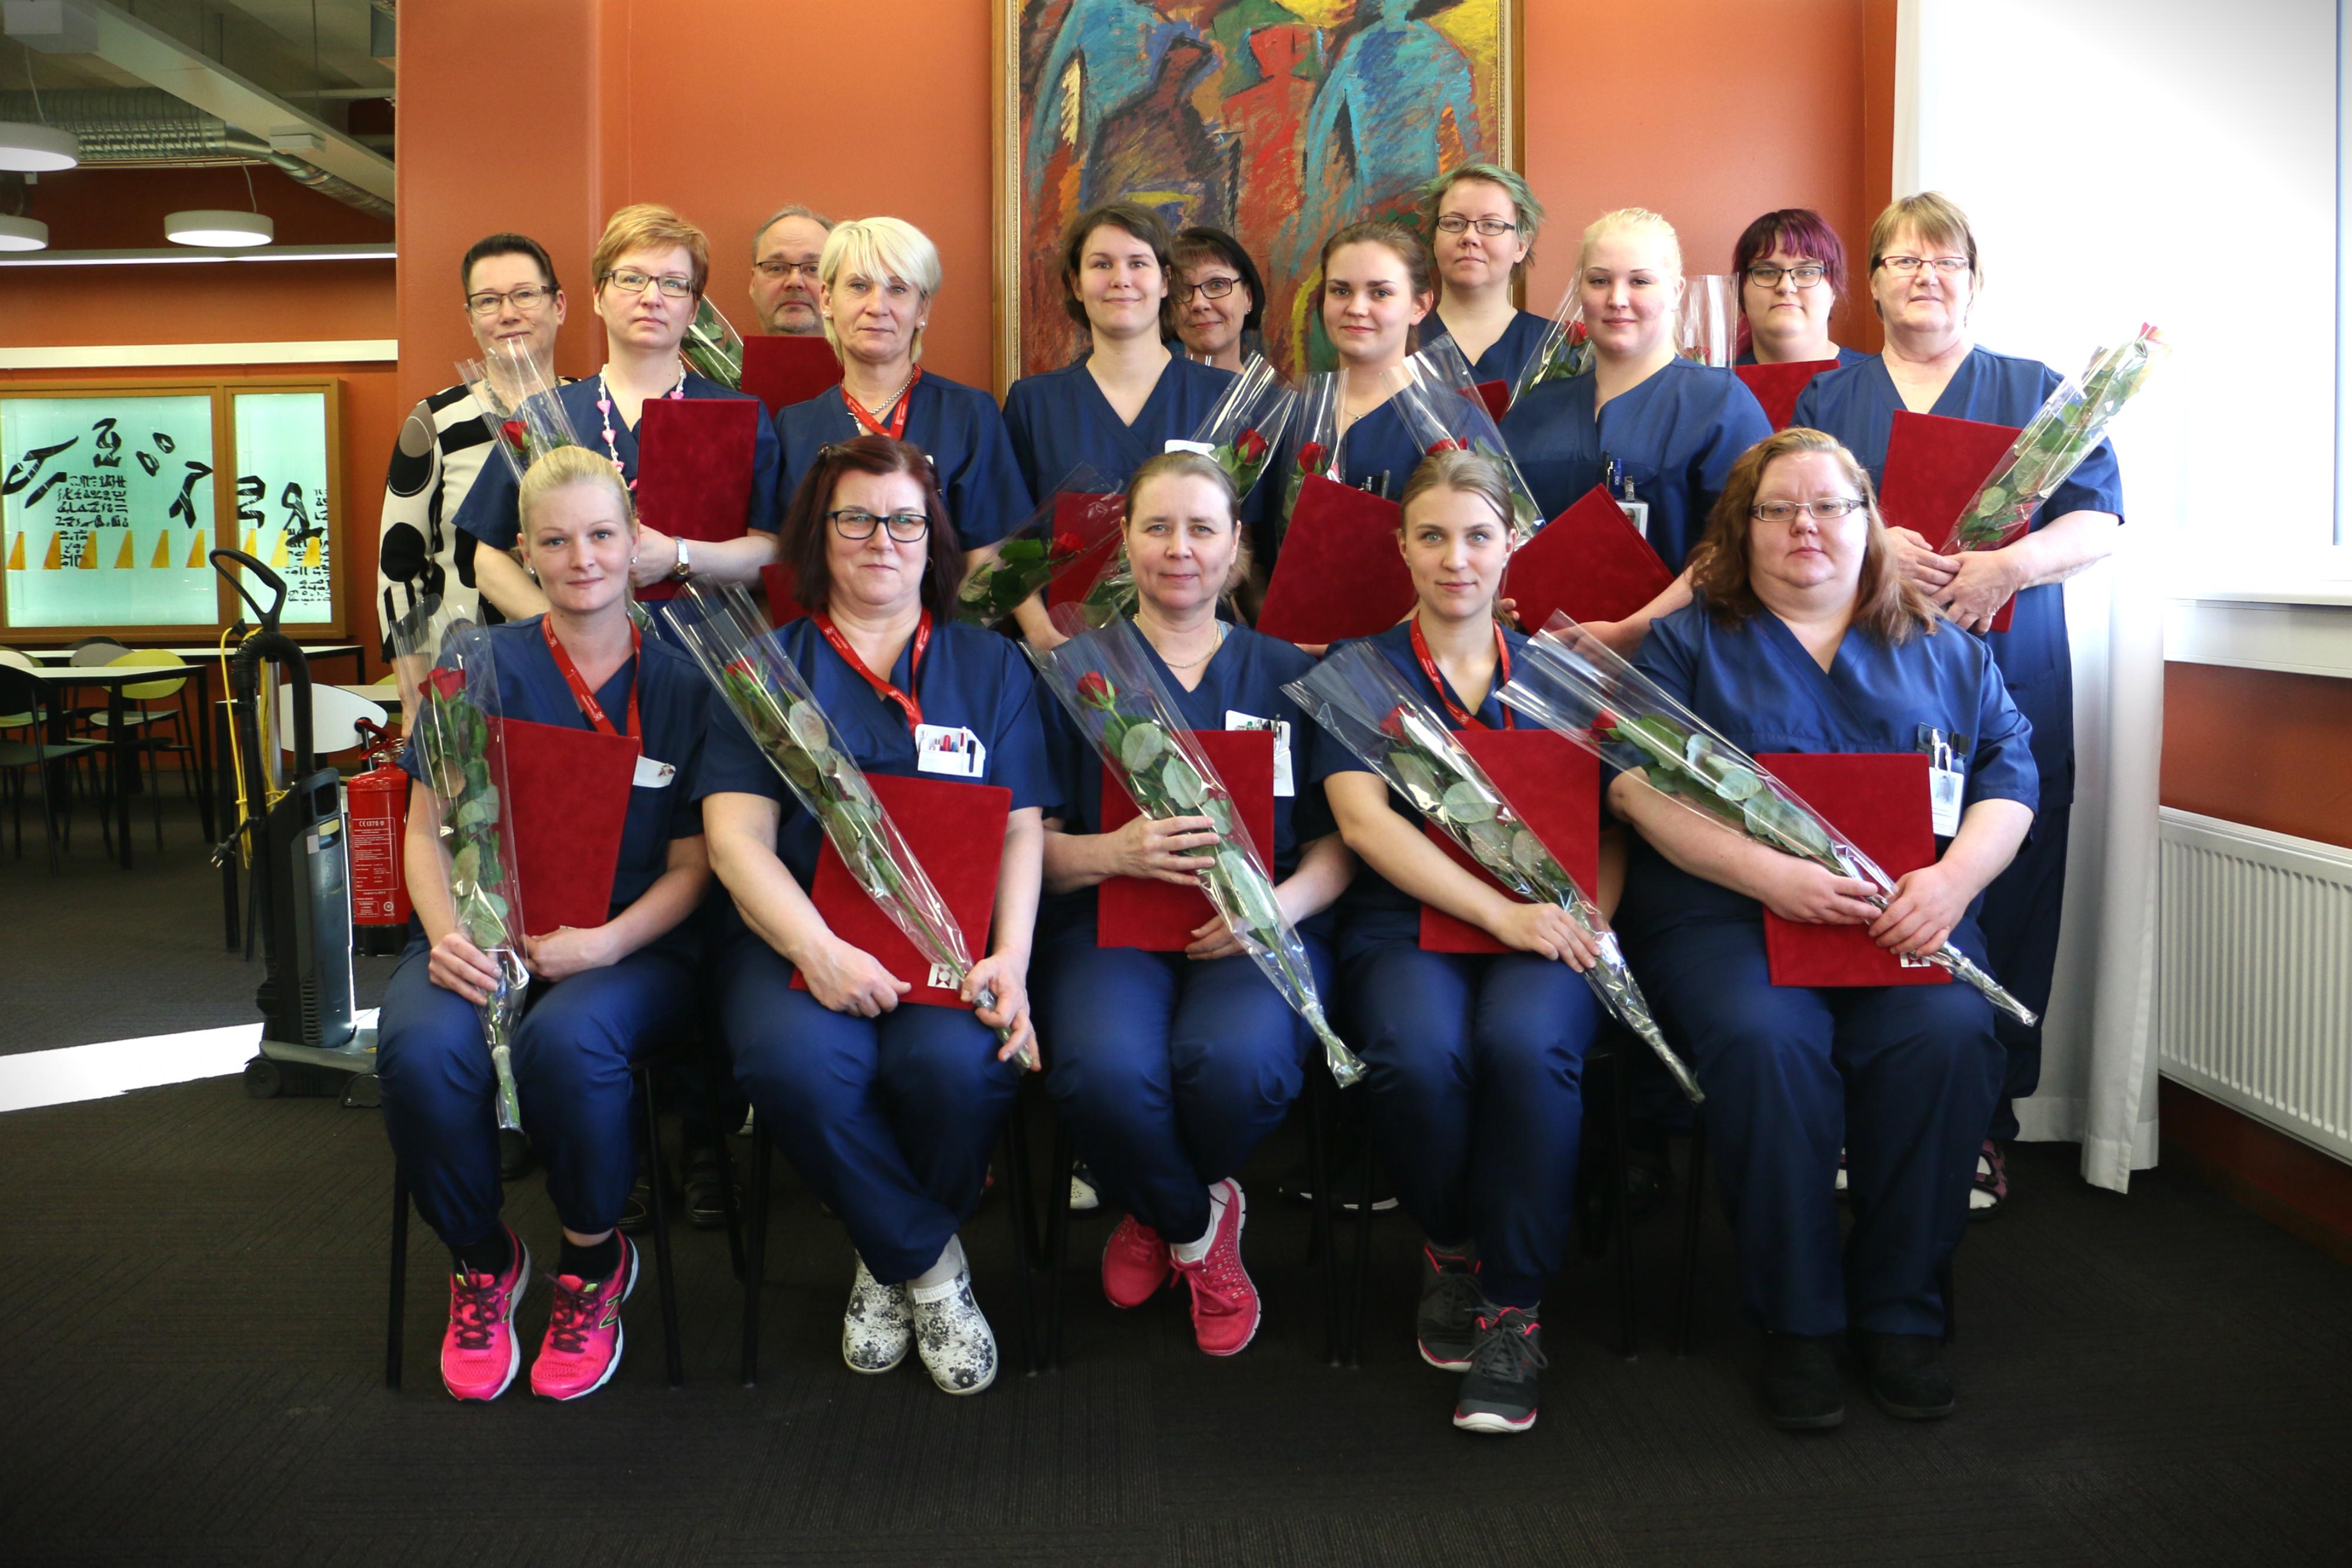 Kanta-Hämeen ensimmäiset oppisopimuksella kouluttautuneet sairaalahuoltajat ryhmäkuvassa todistuksiensa ja ruusujen kanssa.